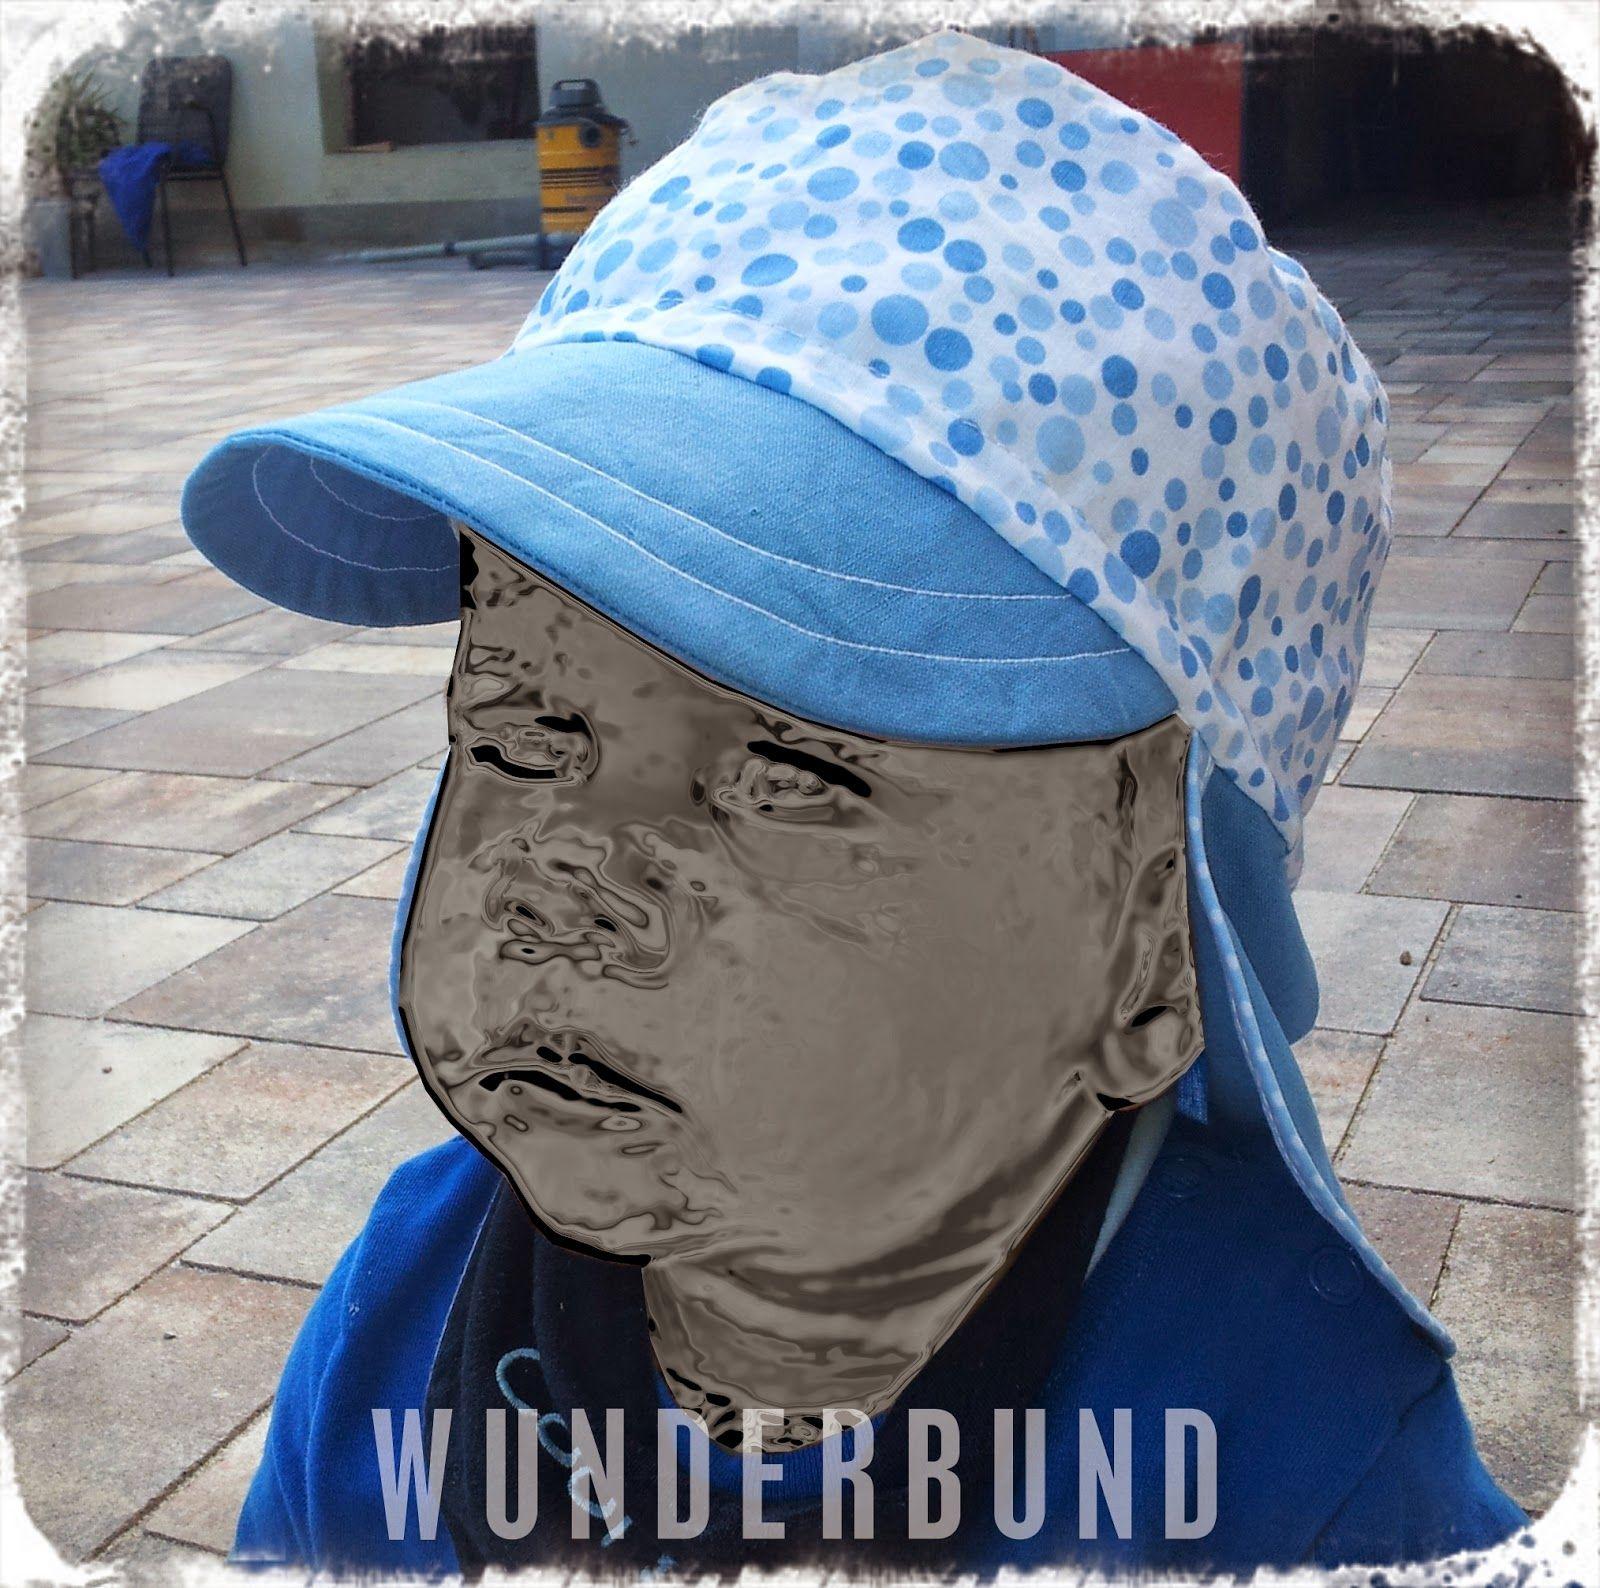 WUNDERBUND: Sonnenhut für Kinder Sommerhut Sonnenmütze Cap ...